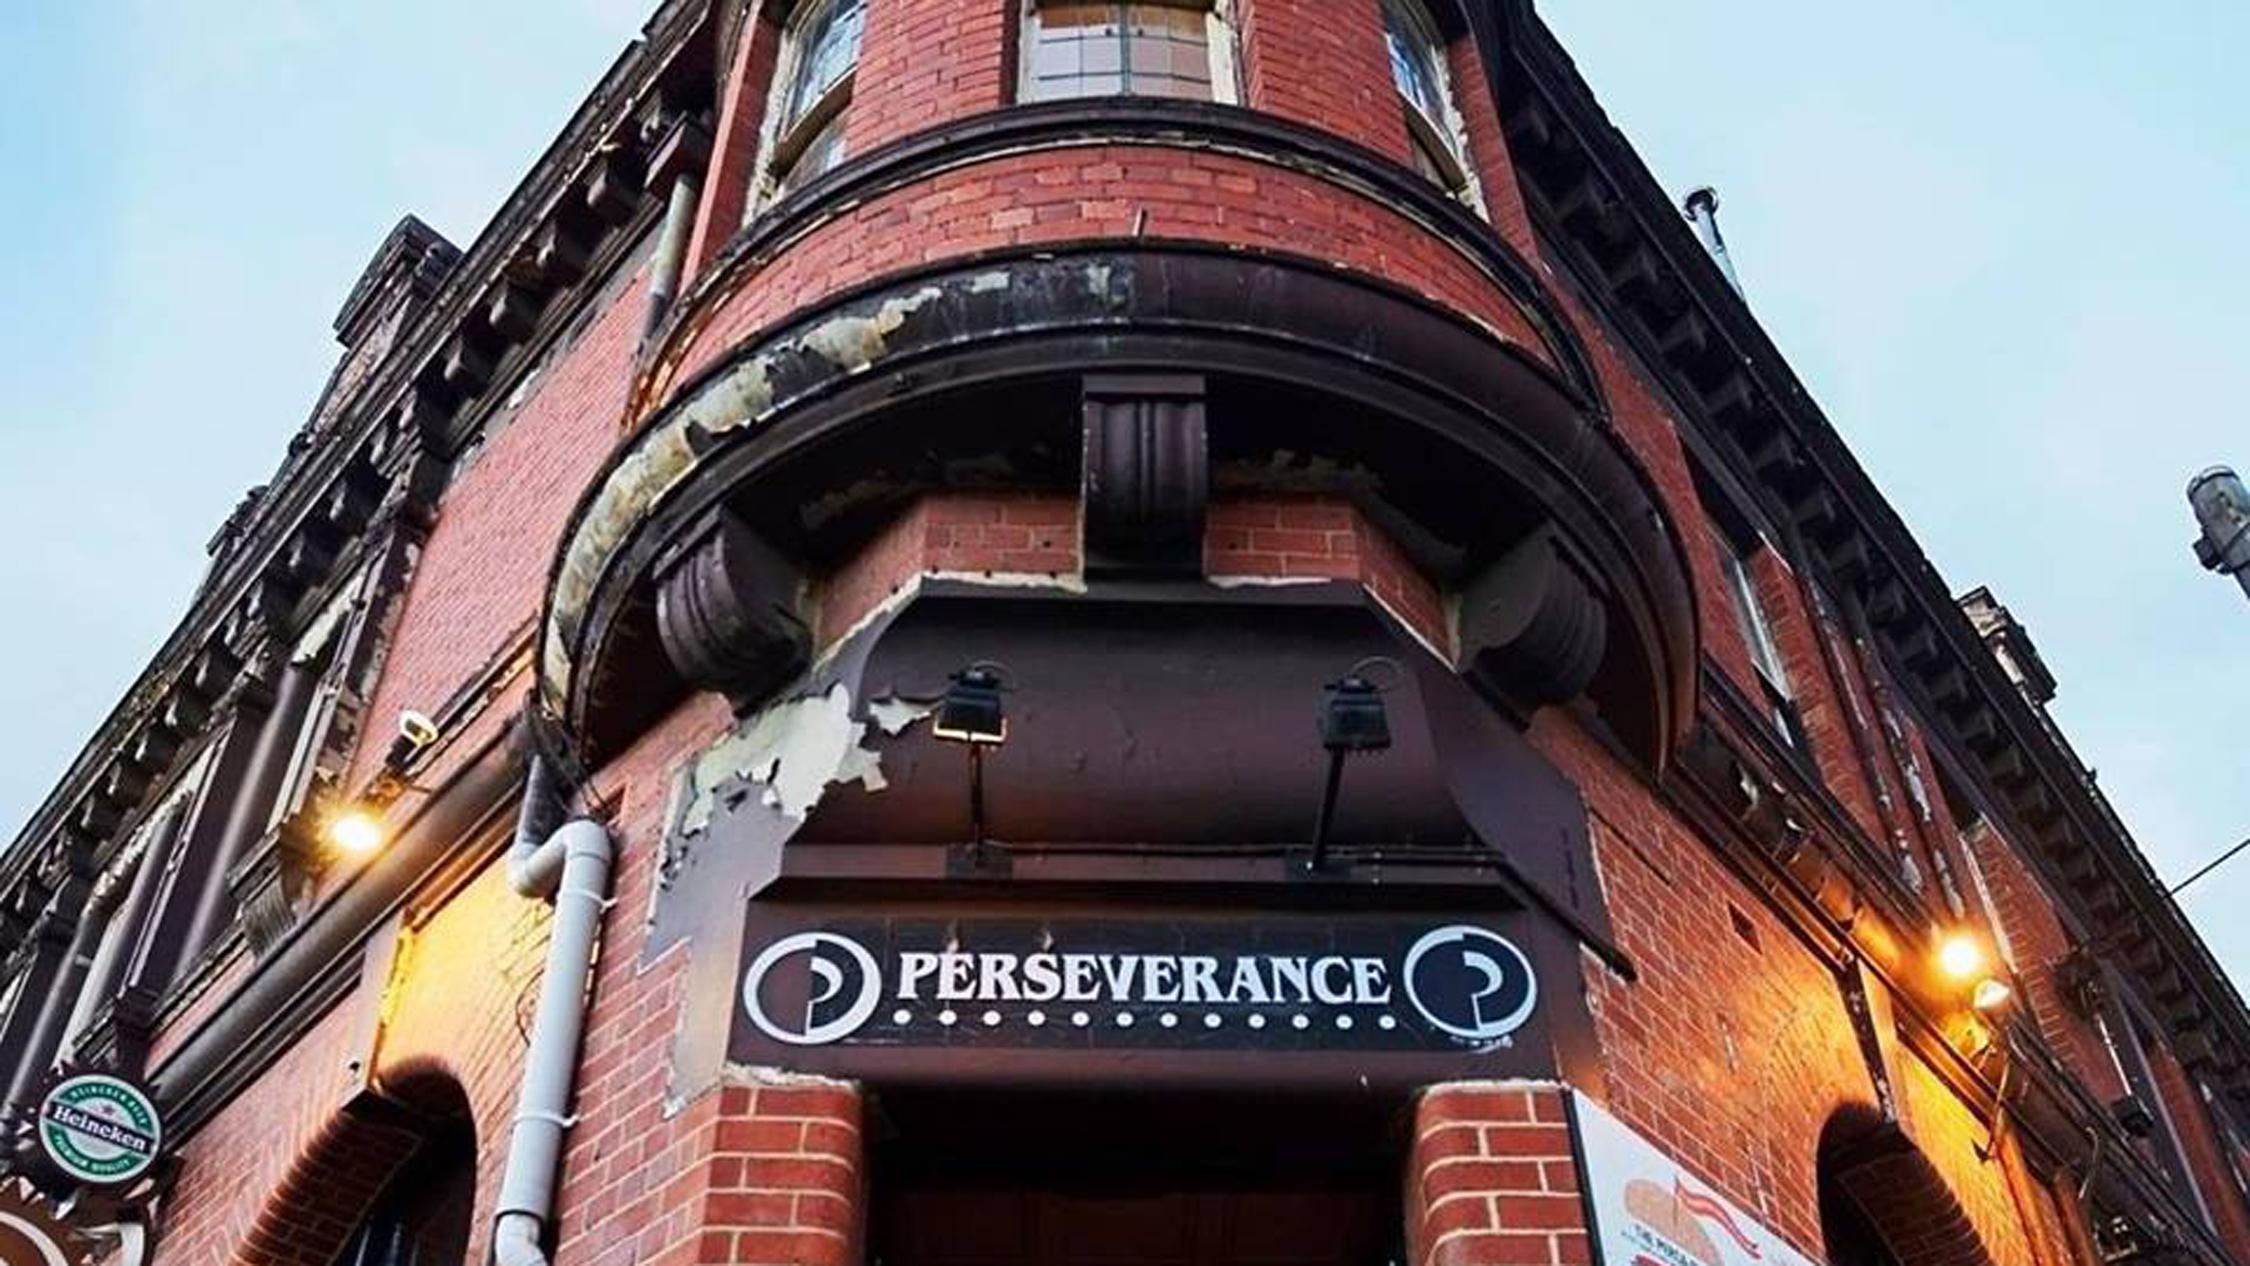 Perserverance pub